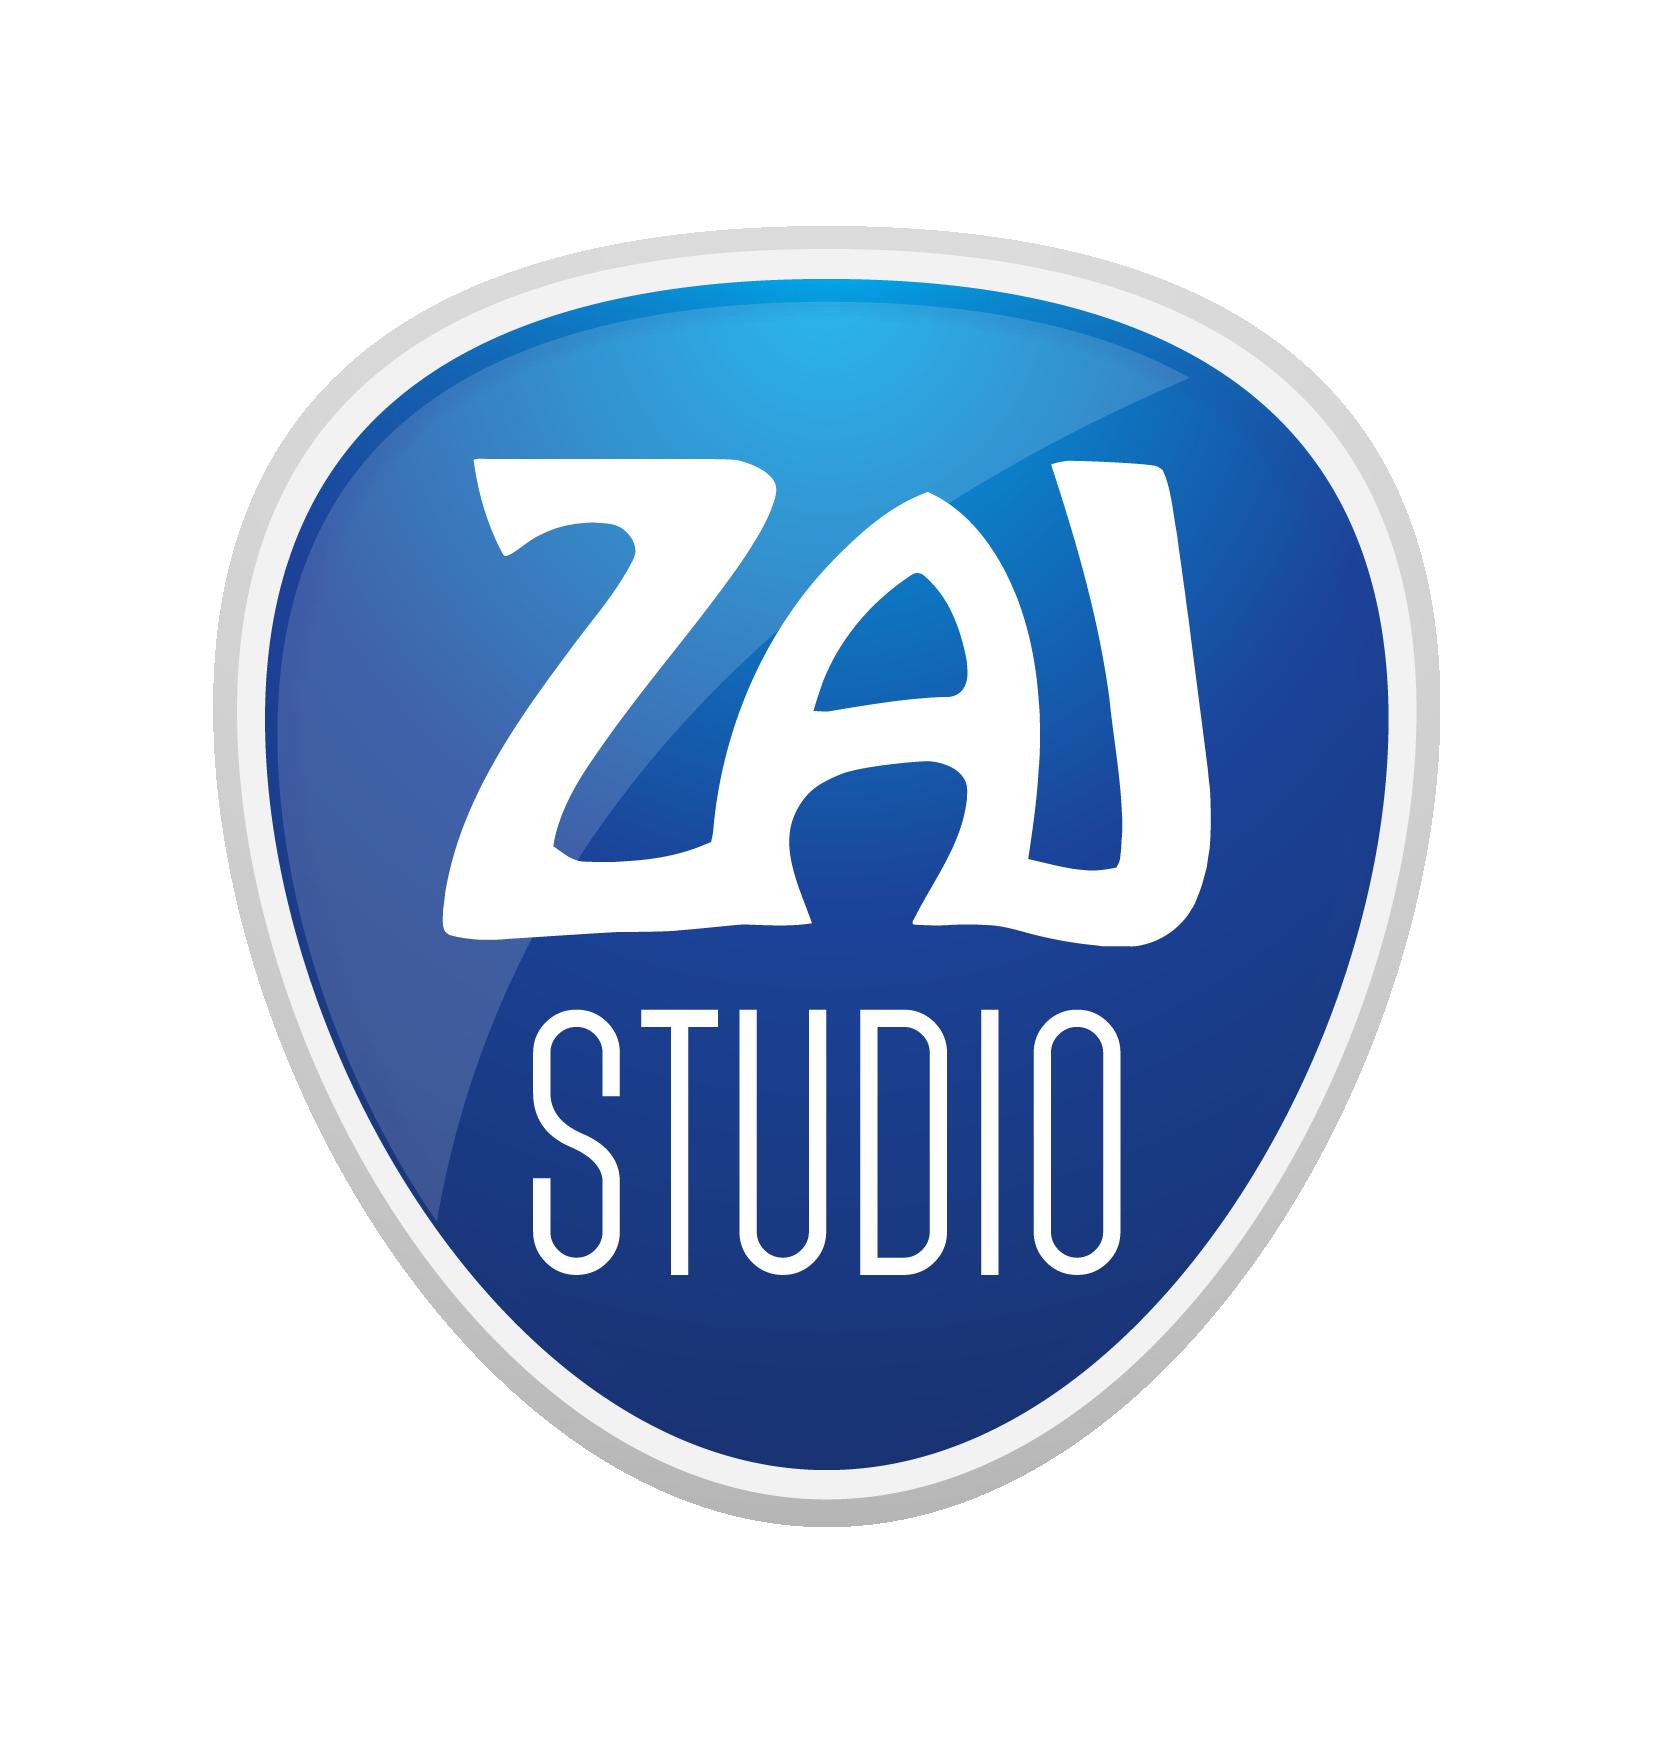 Zaj Studio szombati nyitvatartás változás!